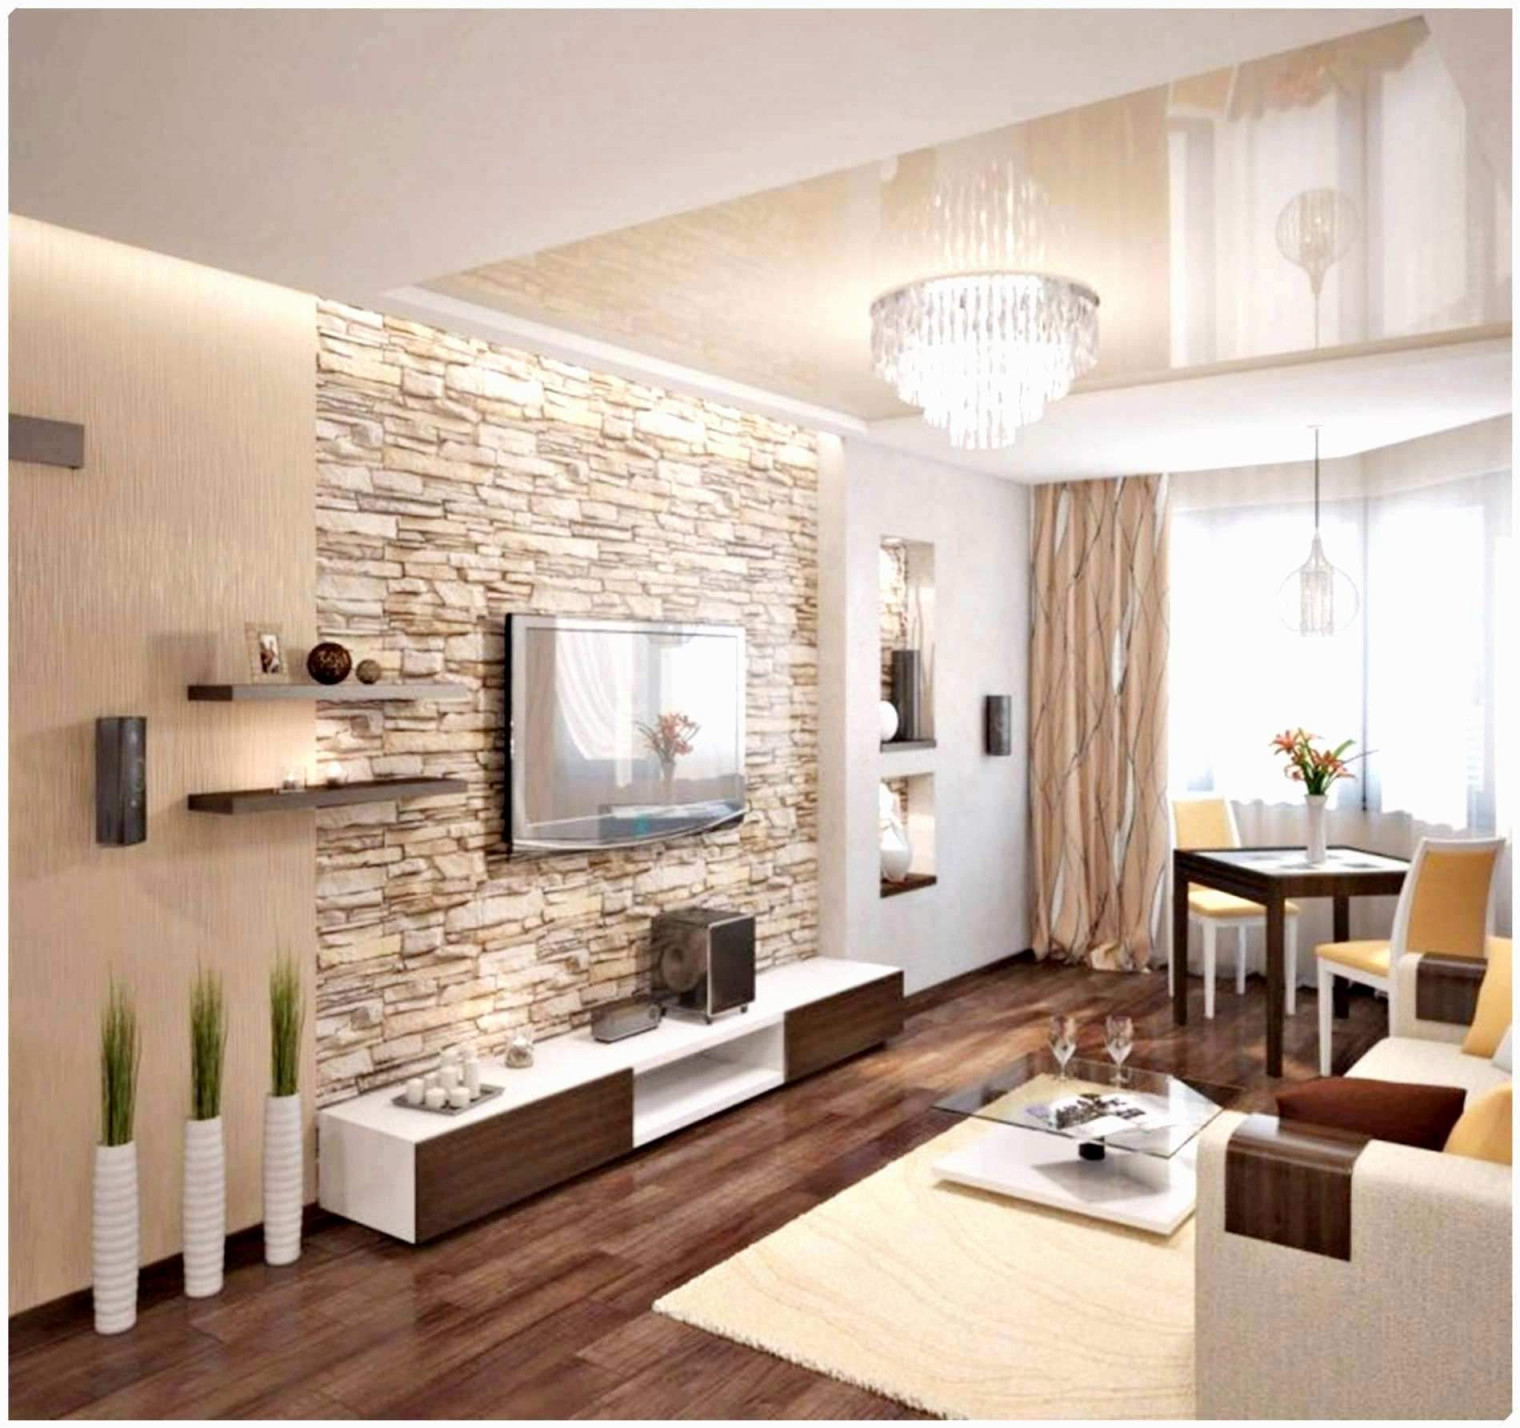 Wohnzimmer Tapeten Ideen Modern Elegant Elegante Tapeten von Ideen Für Wohnzimmer Tapeten Bild